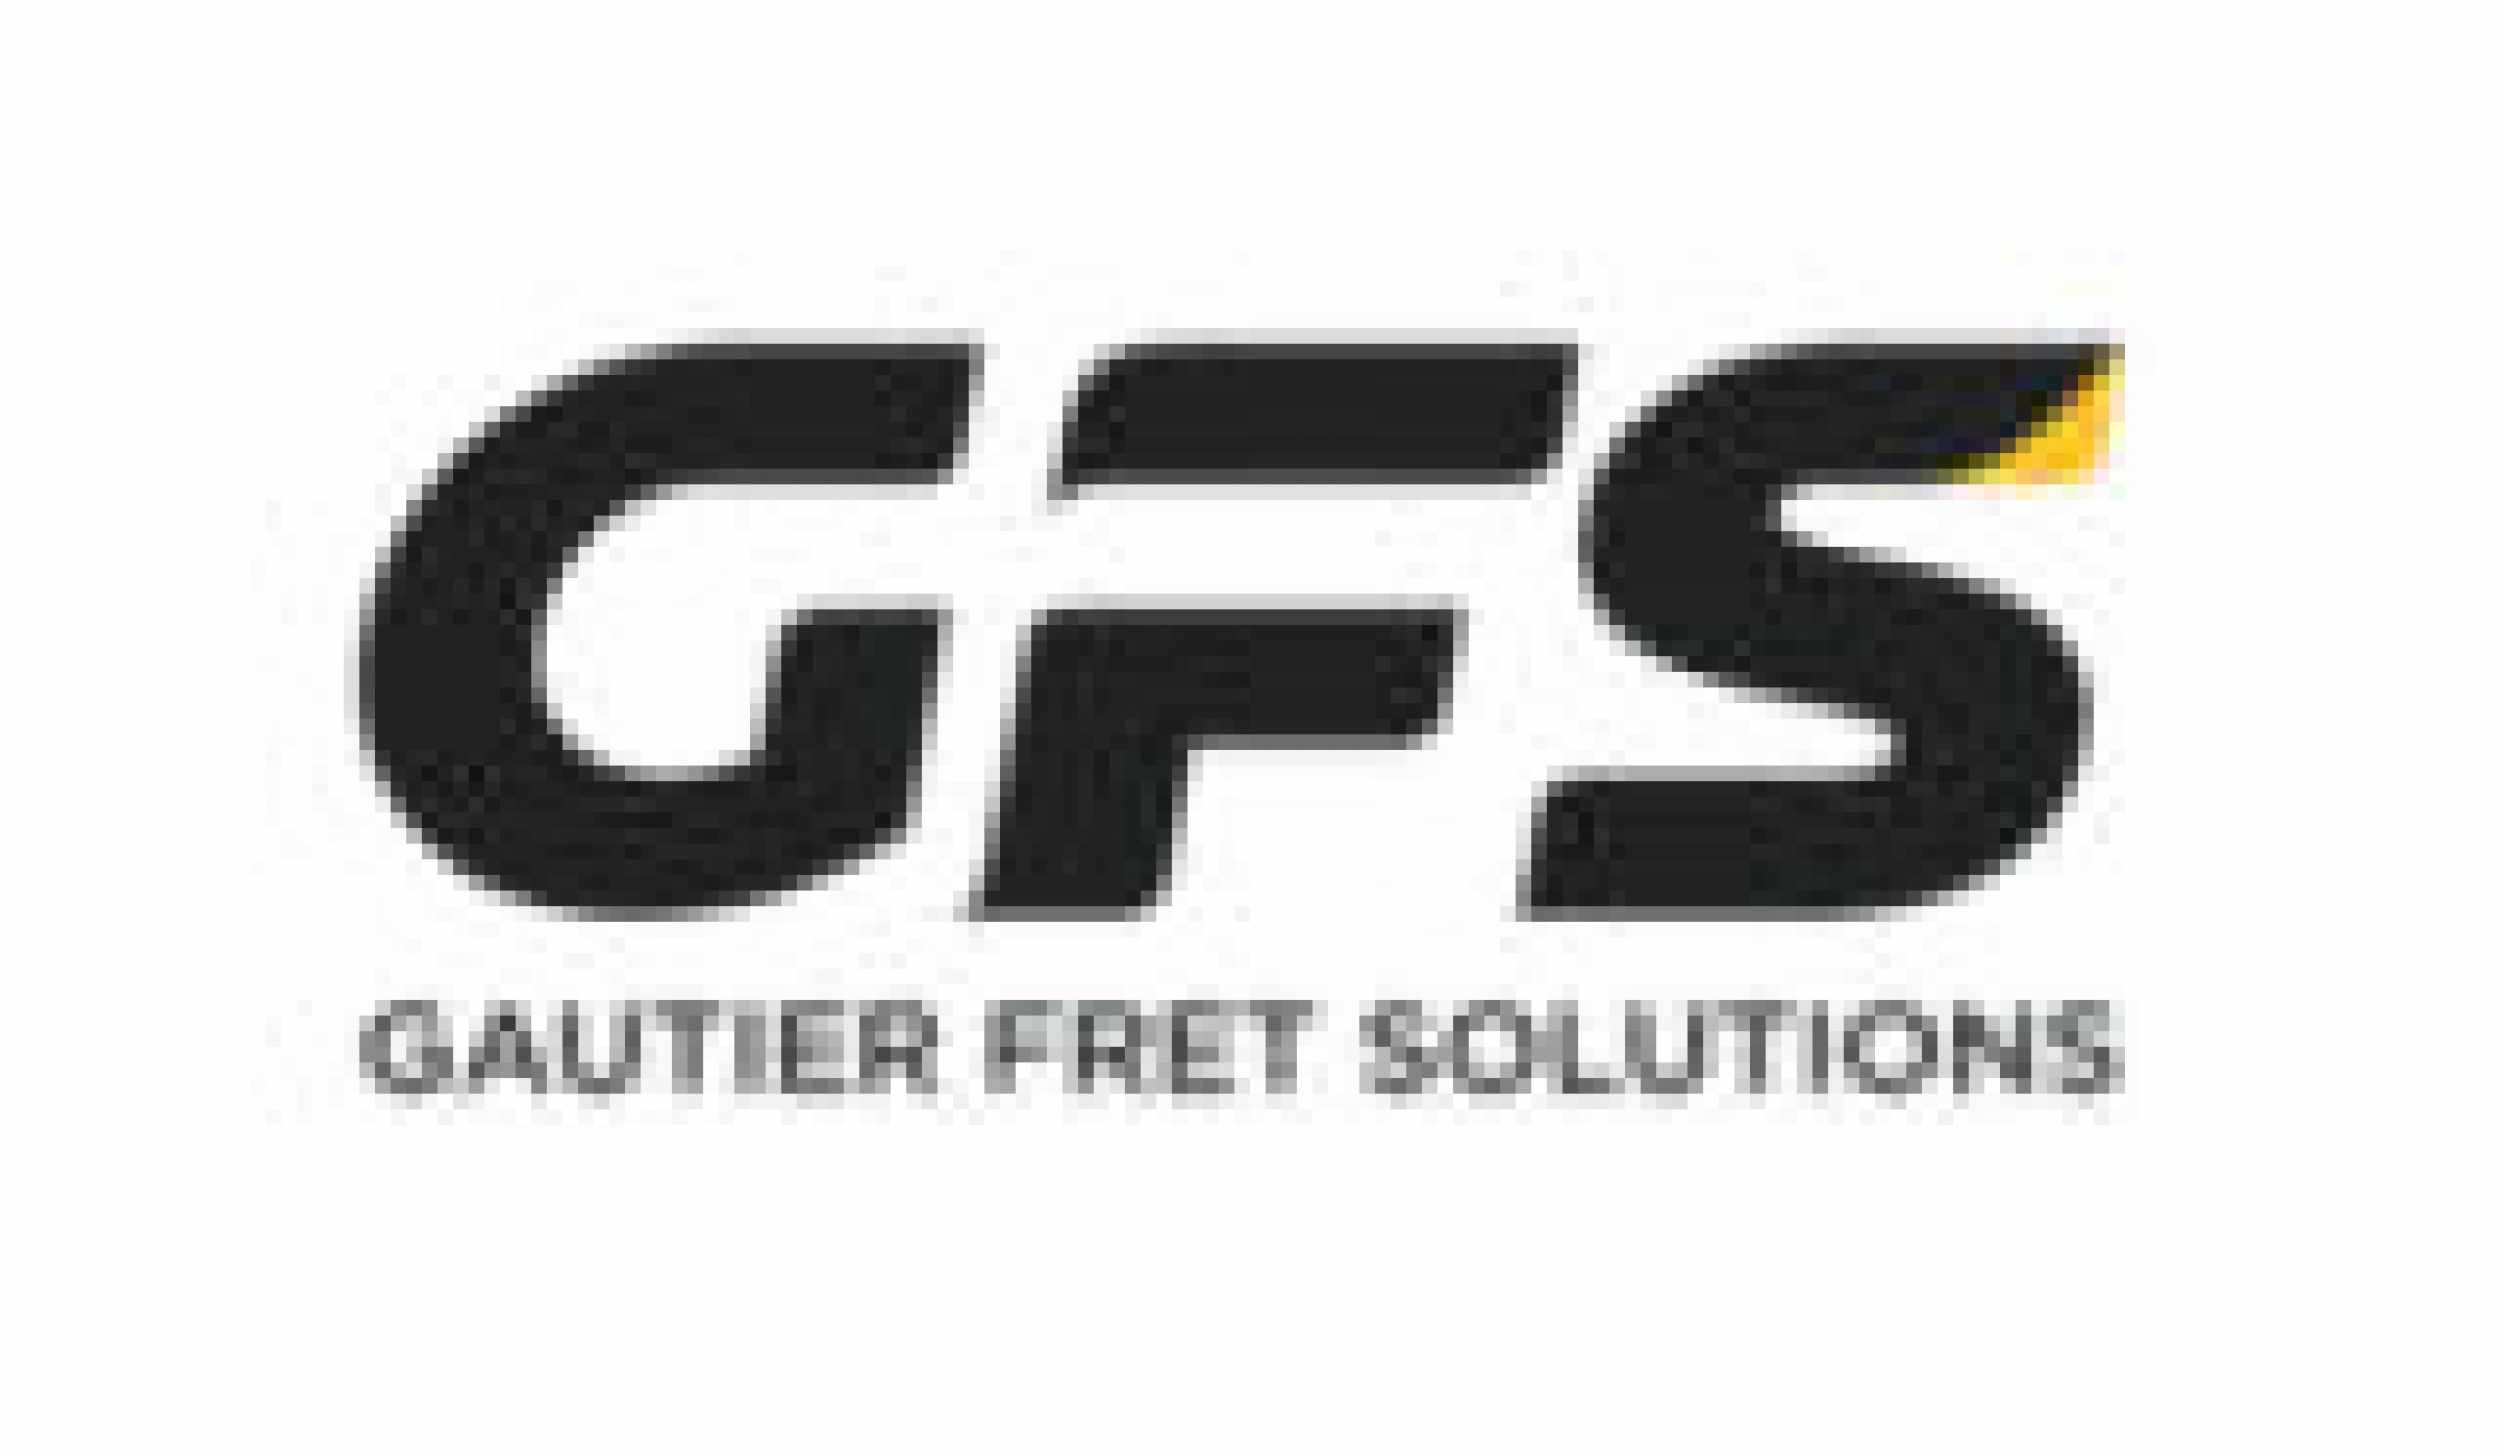 gfs-e1605699493108